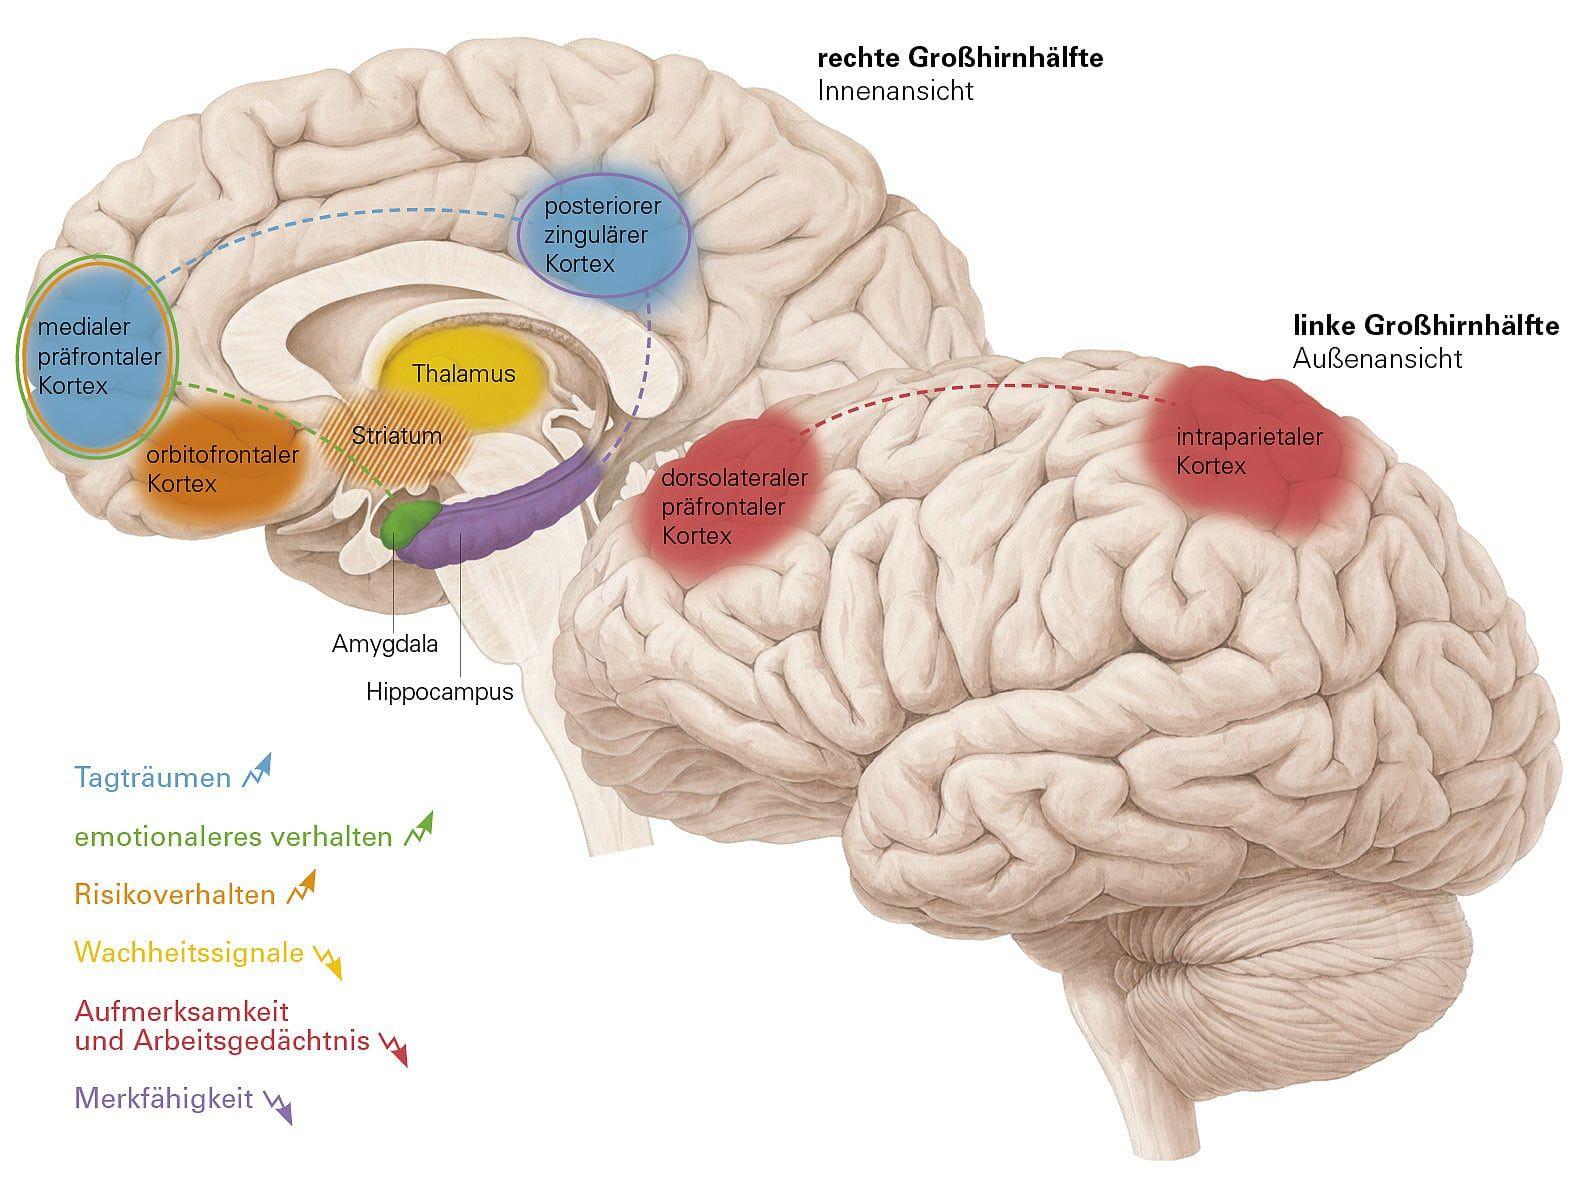 Müdigkeit: Risiko Schlafmangel | Schlafmangel, das Gehirn und Gehirn